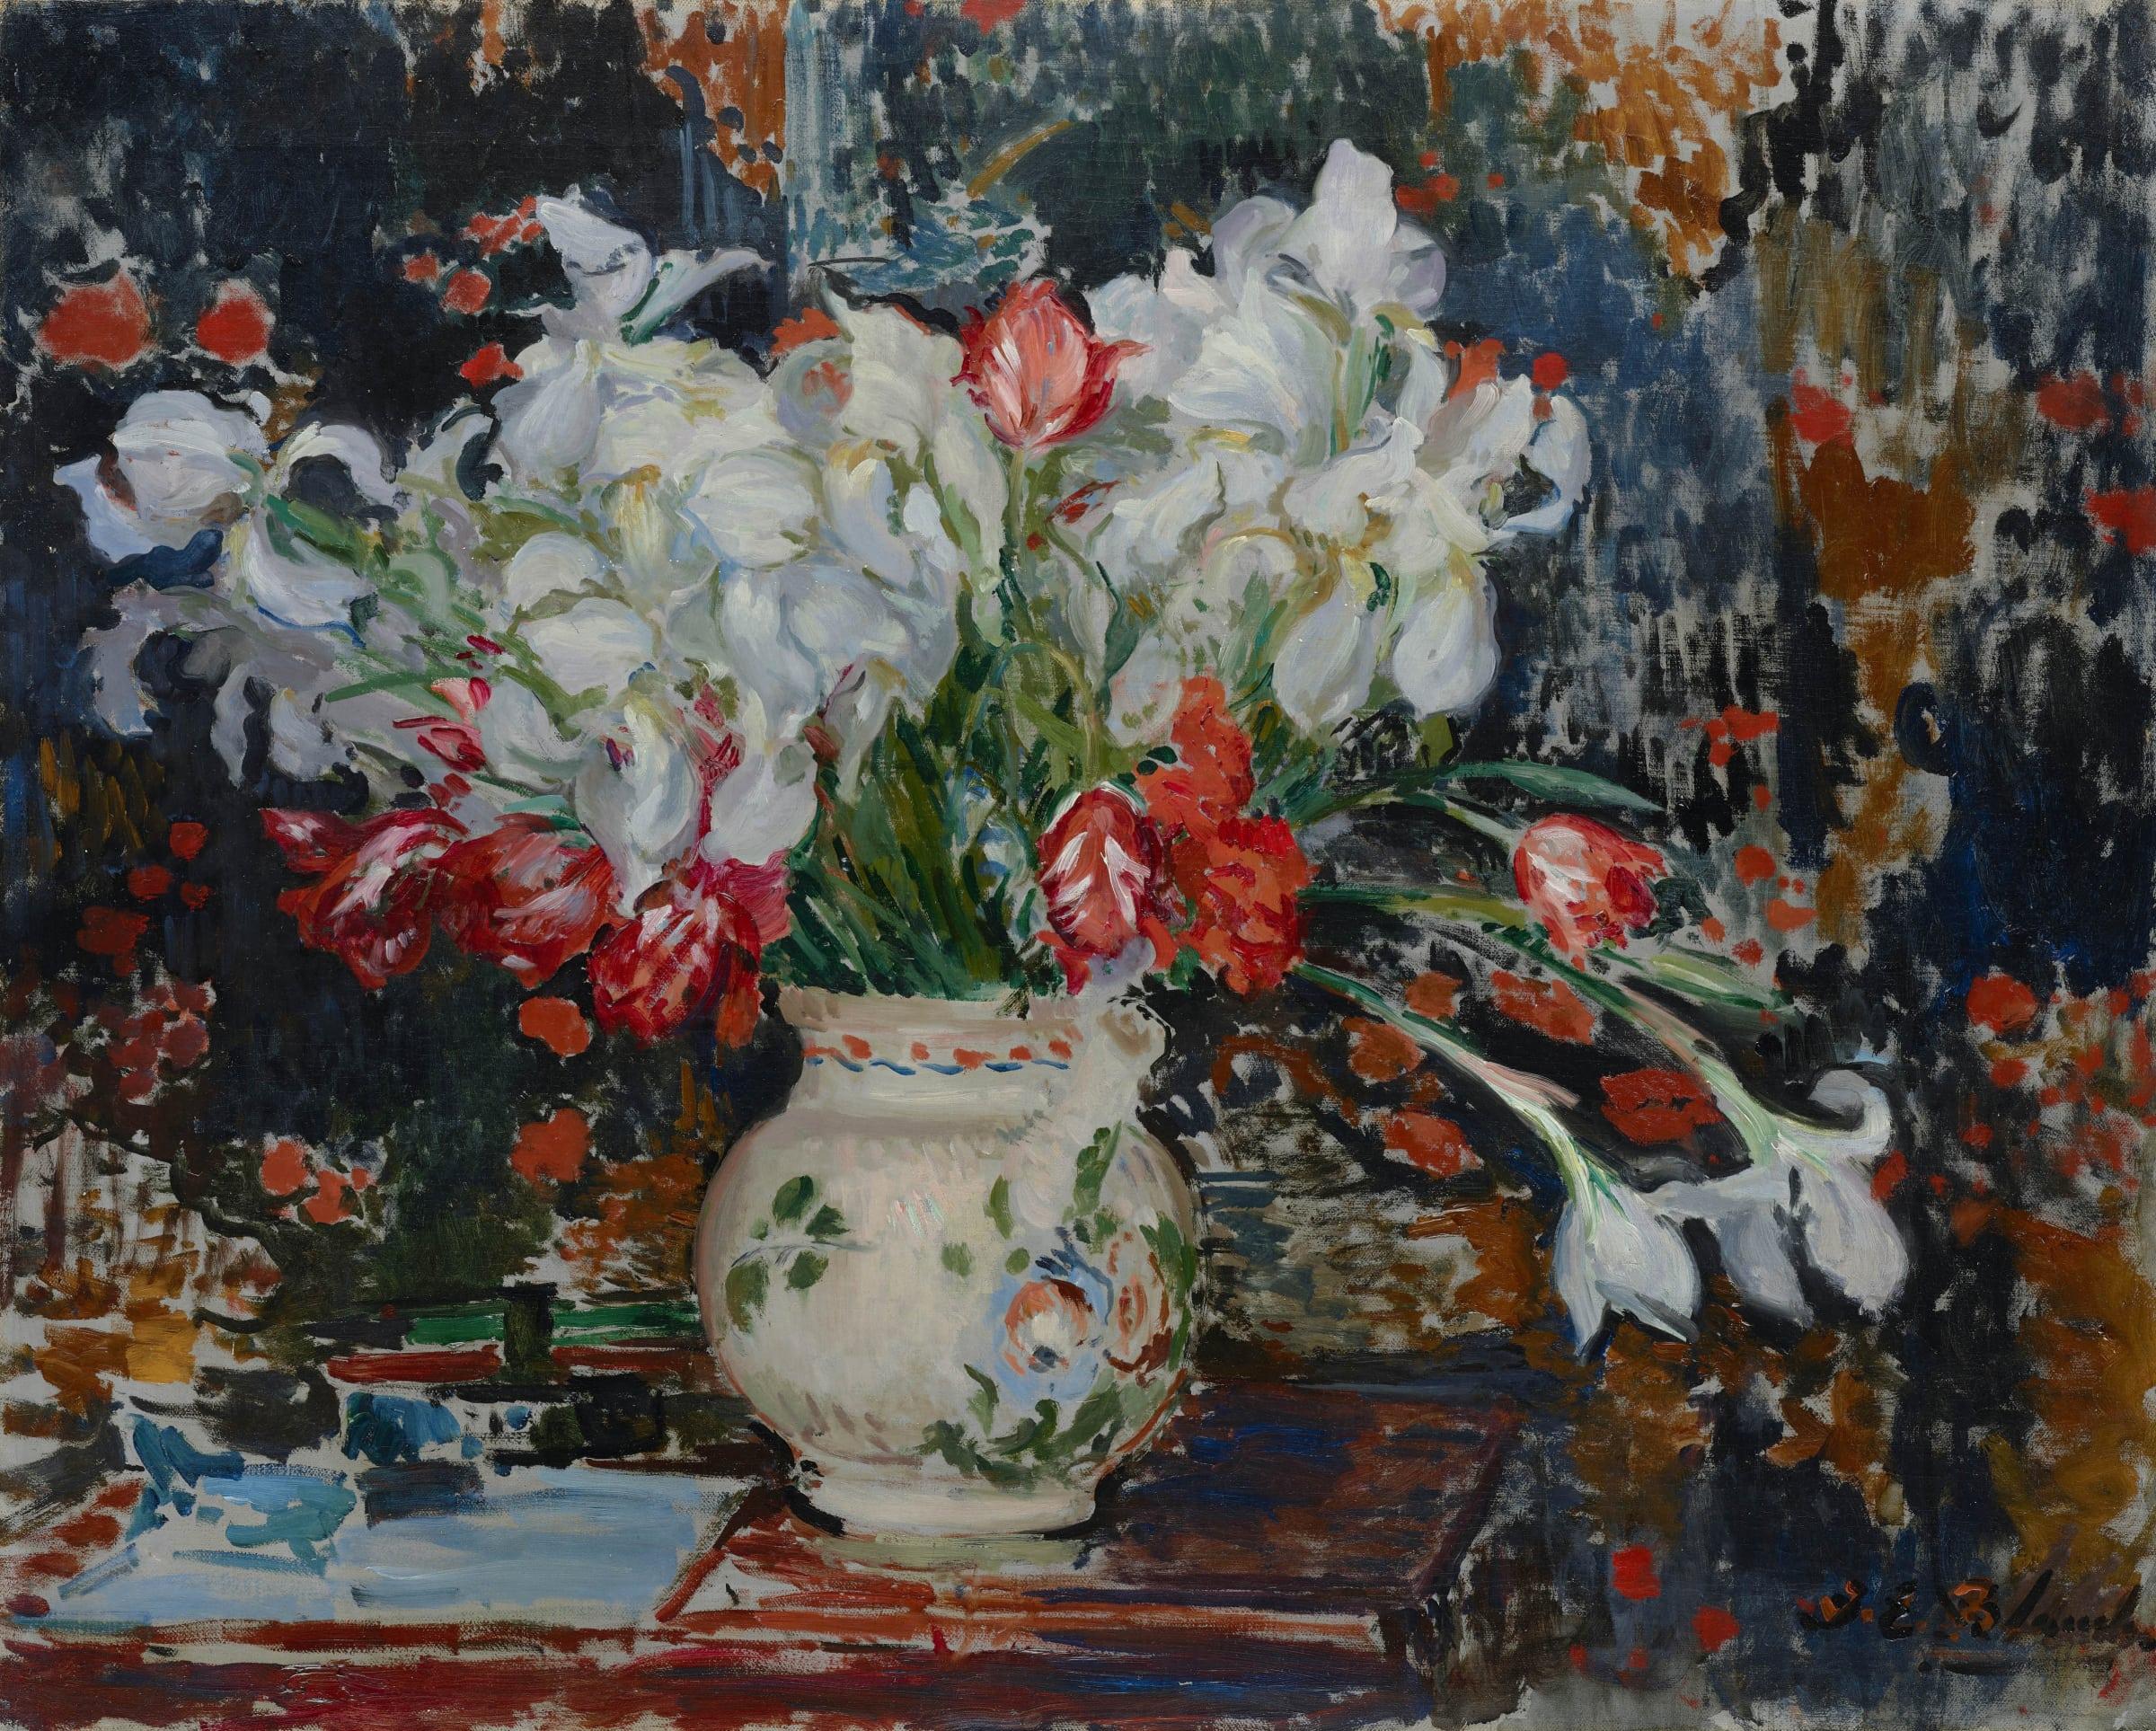 <span class=&#34;link fancybox-details-link&#34;><a href=&#34;/artists/27-jacques-emile-blanche/works/9375-jacques-emile-blanche-bouquet-d-iris-blanches-et-de-tulipes-rouges-c.1911/&#34;>View Detail Page</a></span><div class=&#34;artist&#34;><span class=&#34;artist&#34;><strong>Jacques-Emile Blanche</strong></span></div><div class=&#34;title&#34;><em> Bouquet d'iris blanches et de tulipes rouges</em>, c.1911</div><div class=&#34;medium&#34;>Oil on canvas</div><div class=&#34;dimensions&#34;>73.3 x 92.2 cm<br /> 28 7/8 x 36 5/16 inches</div>